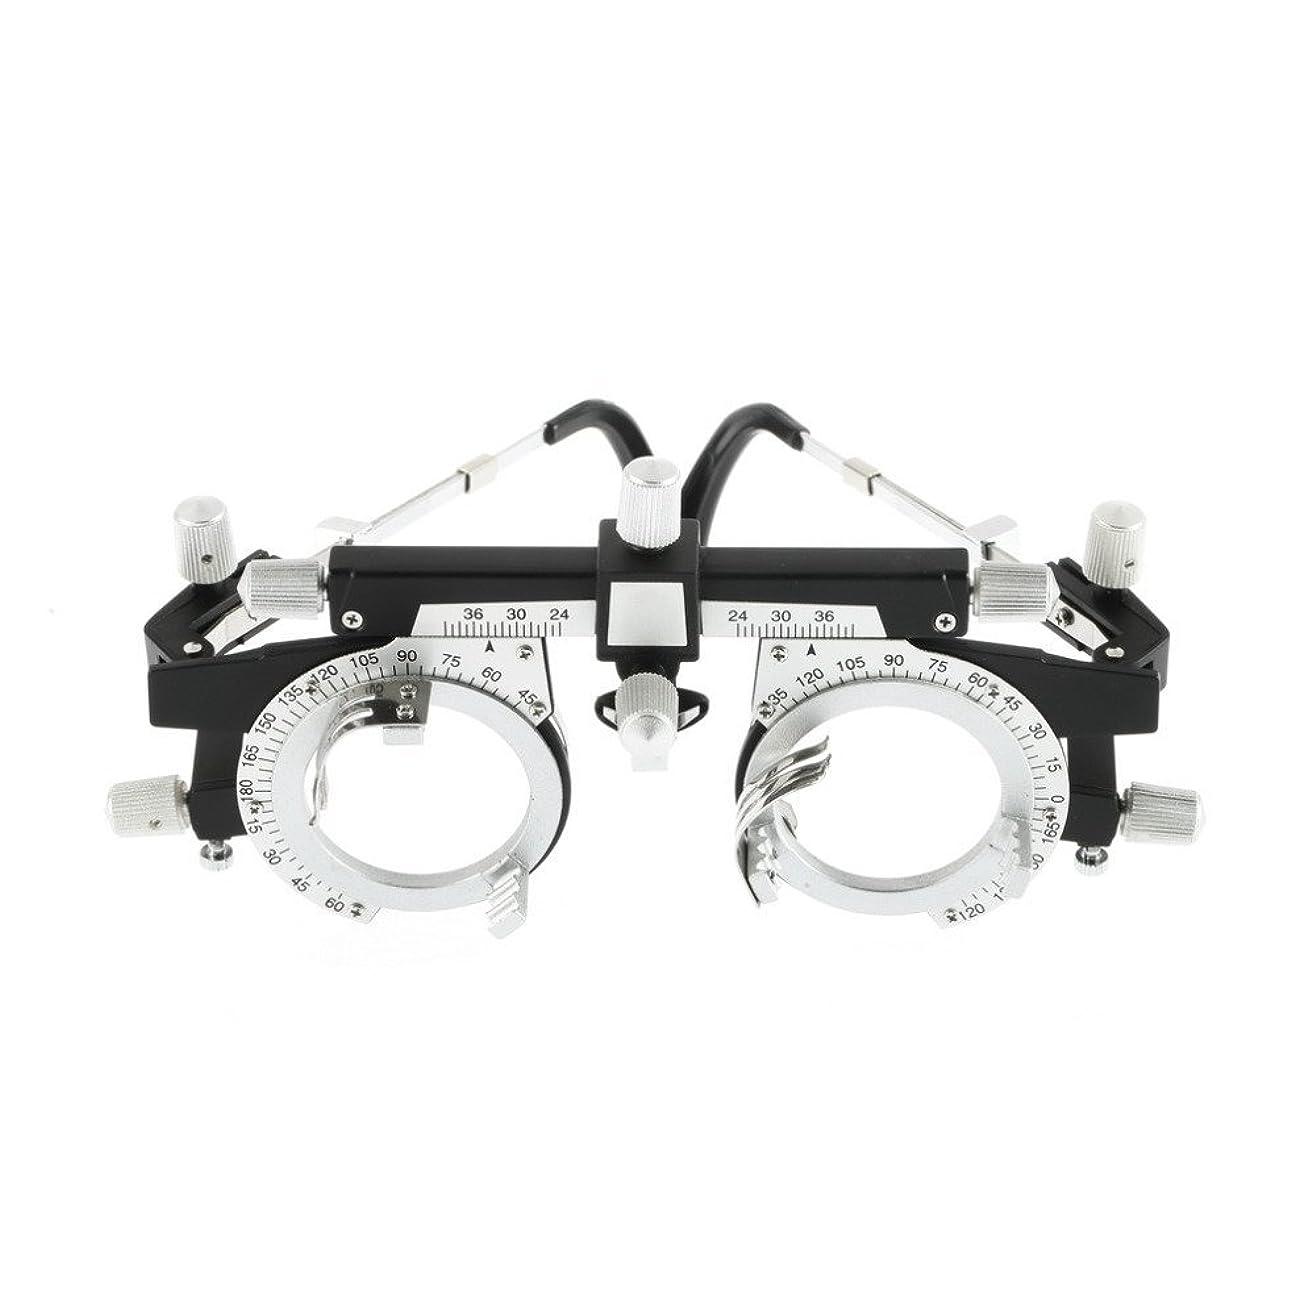 地下室によって会議ワールド ワイド検眼眼鏡店完全に調整可能な トライアル フレーム光学トライアル レンズ フレーム